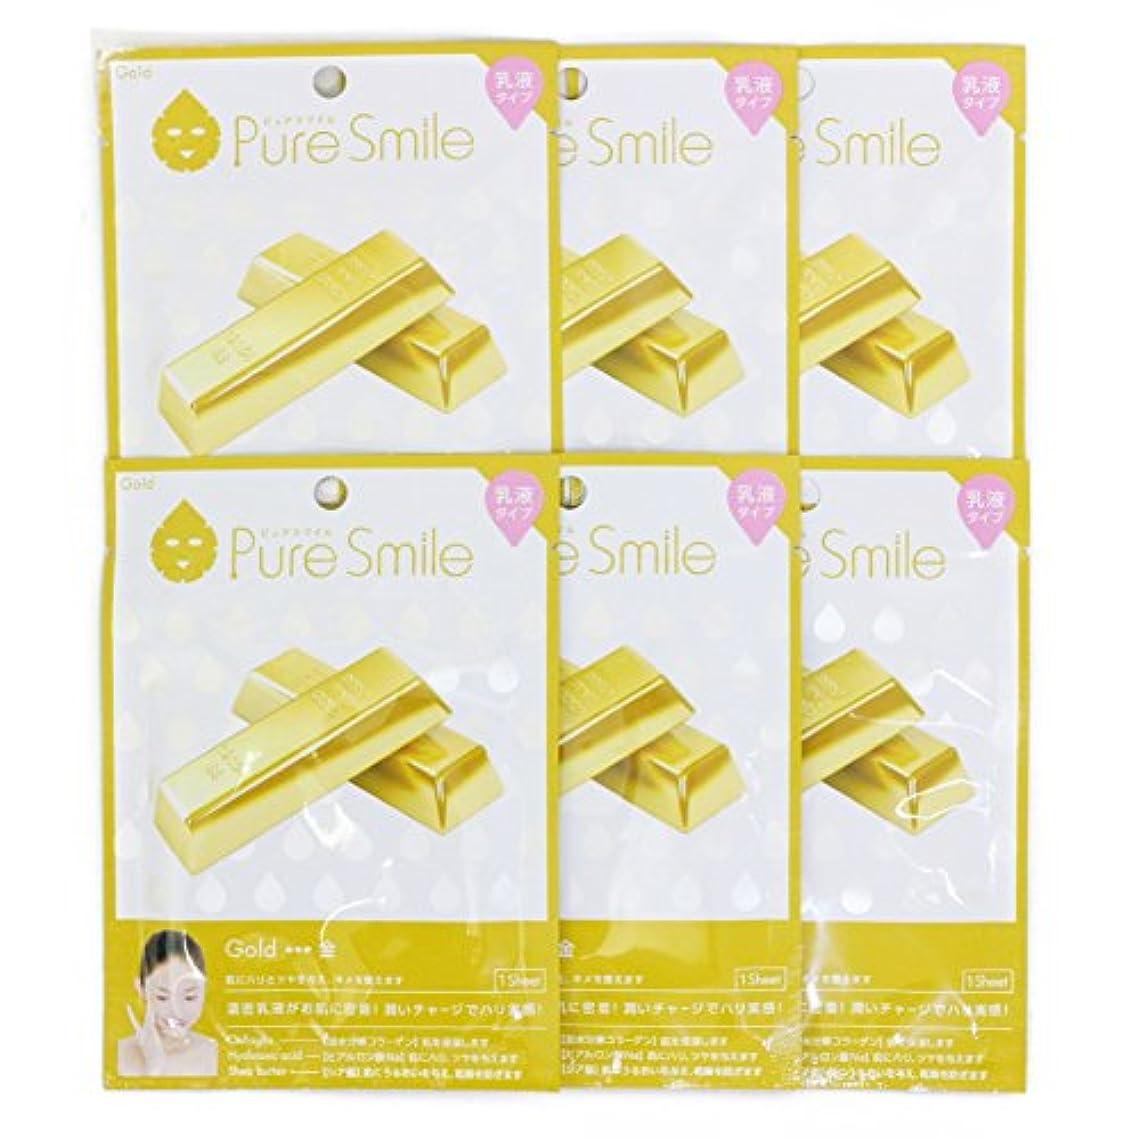 分解する提供マラウイPure Smile ピュアスマイル 乳液エッセンスマスク 金 6枚セット